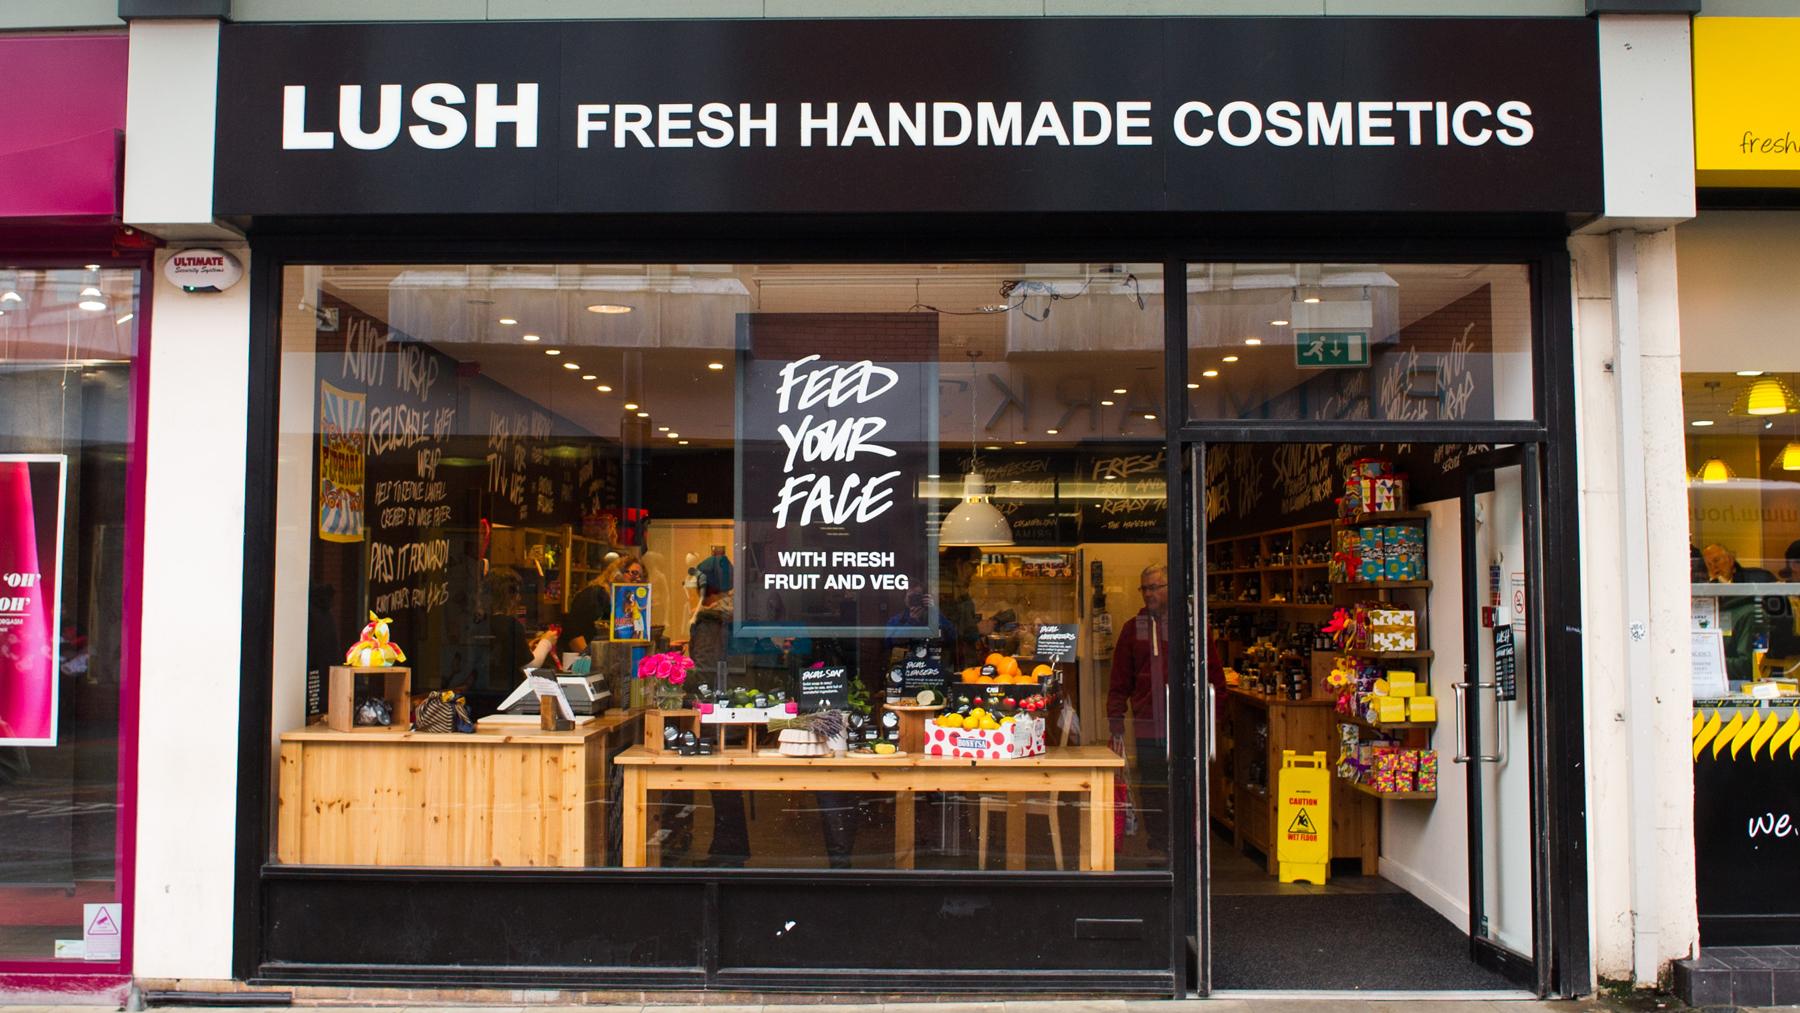 Swansea | Lush Fresh Handmade Cosmetics UK